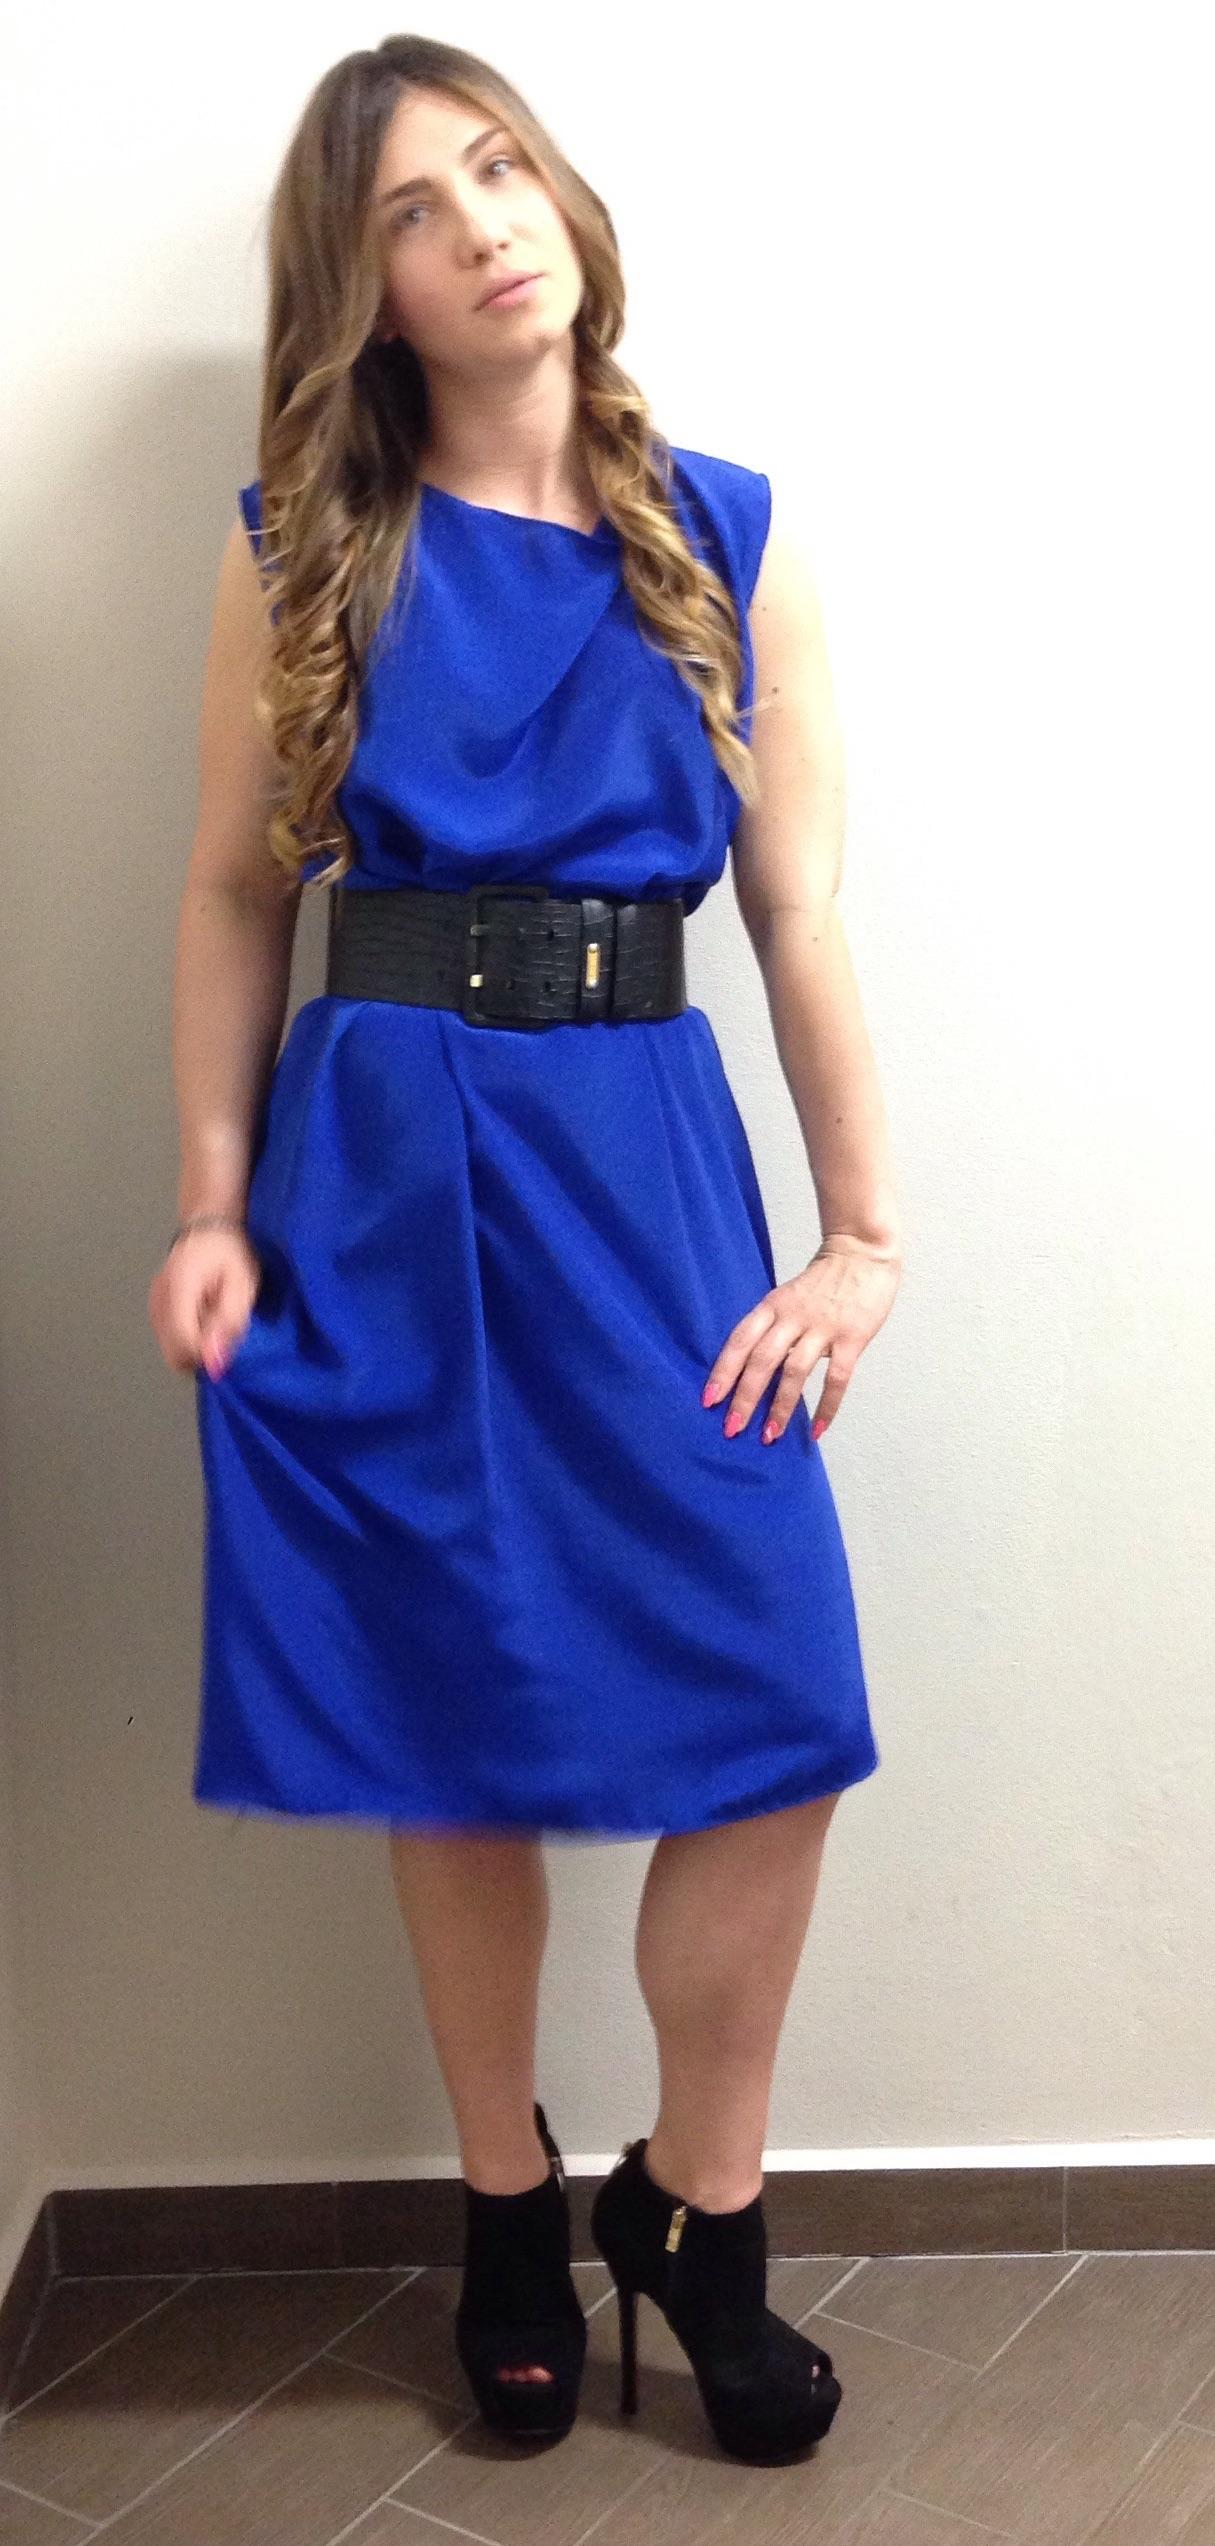 Unghie su abito blu